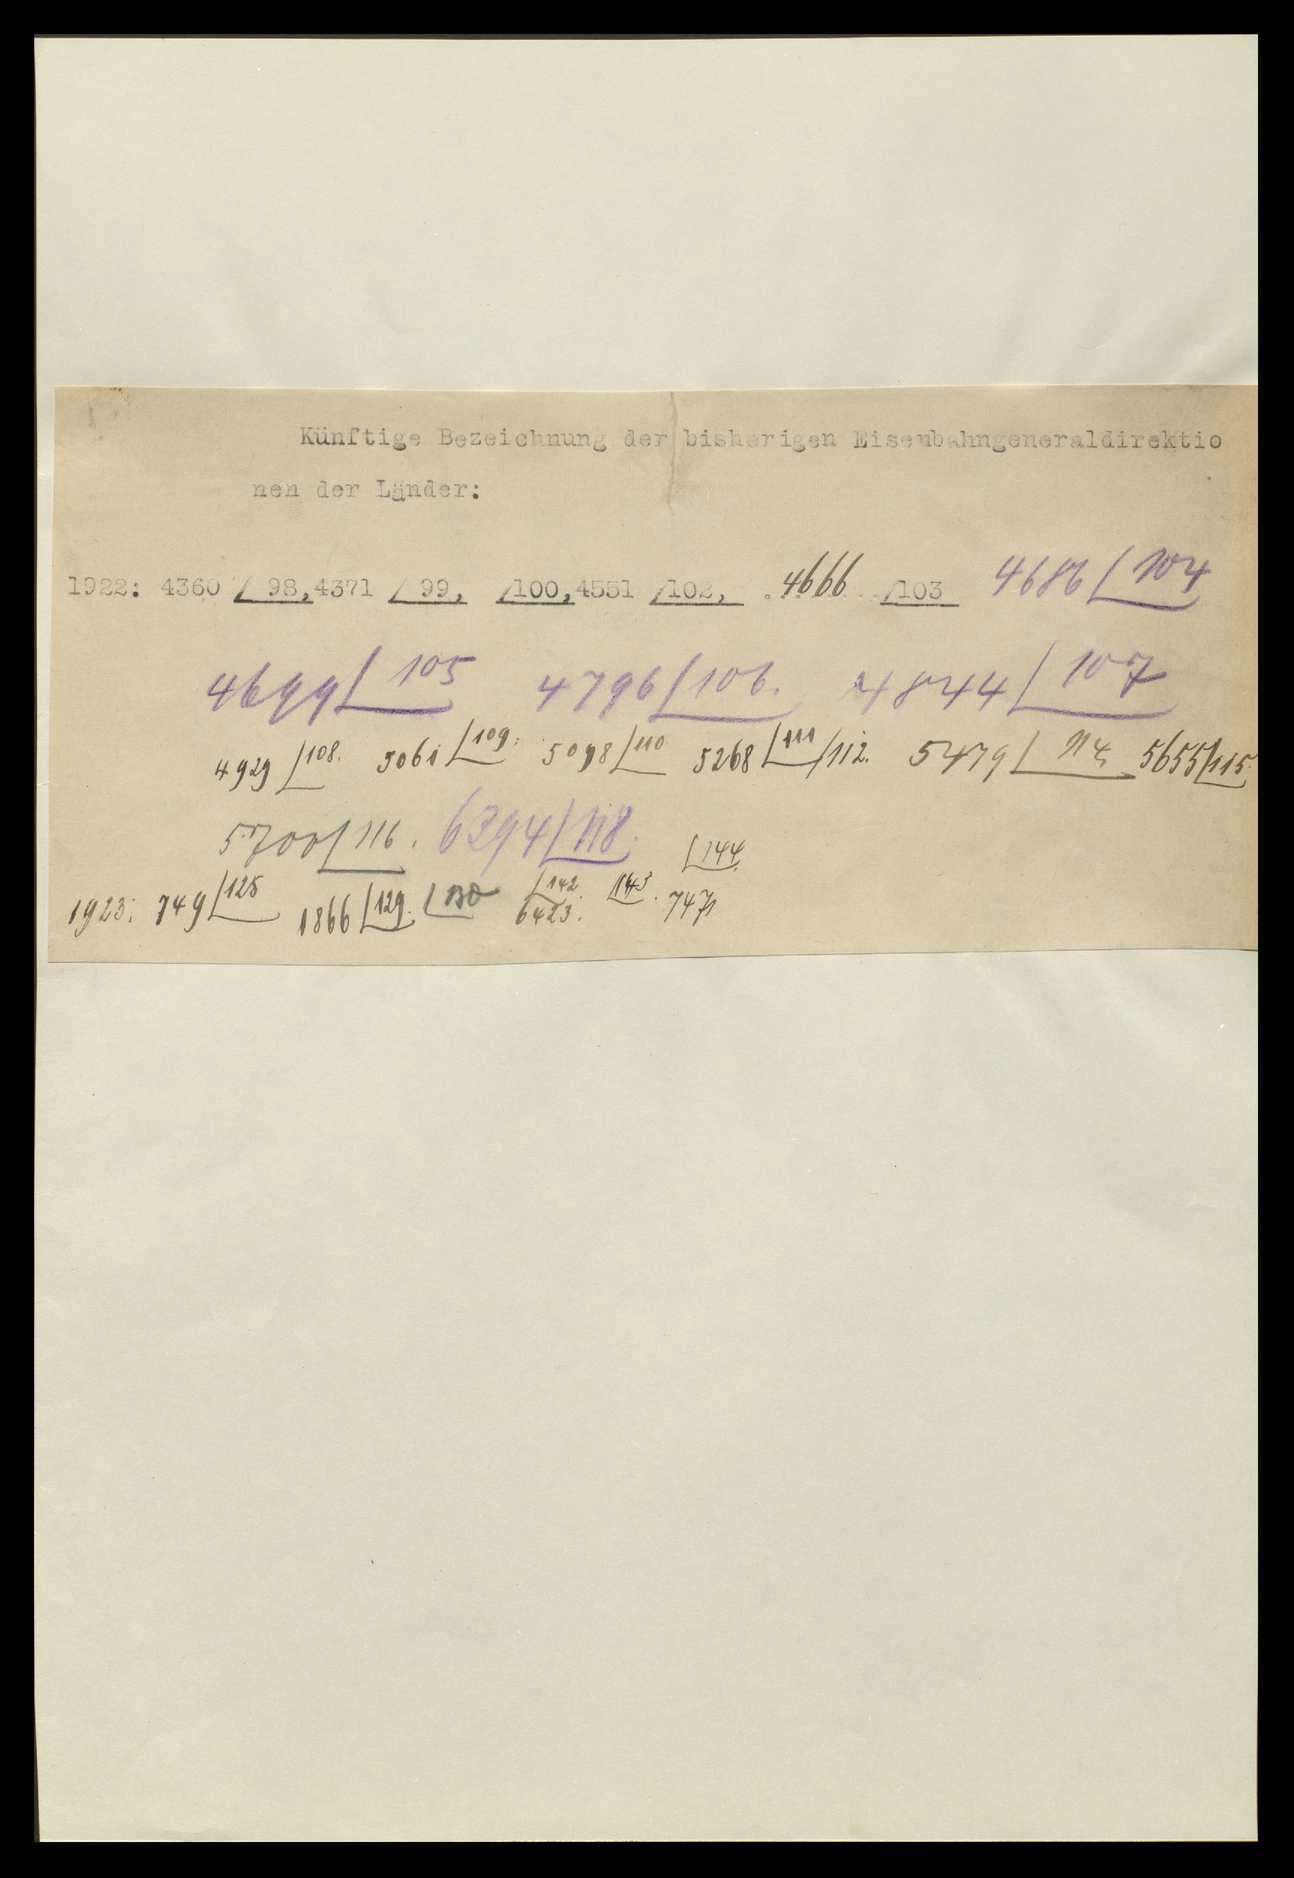 Eisenbahndirektionen und Eisenbahn-Generaldirektionen sowie Reichsbahndirektionen, Bild 1